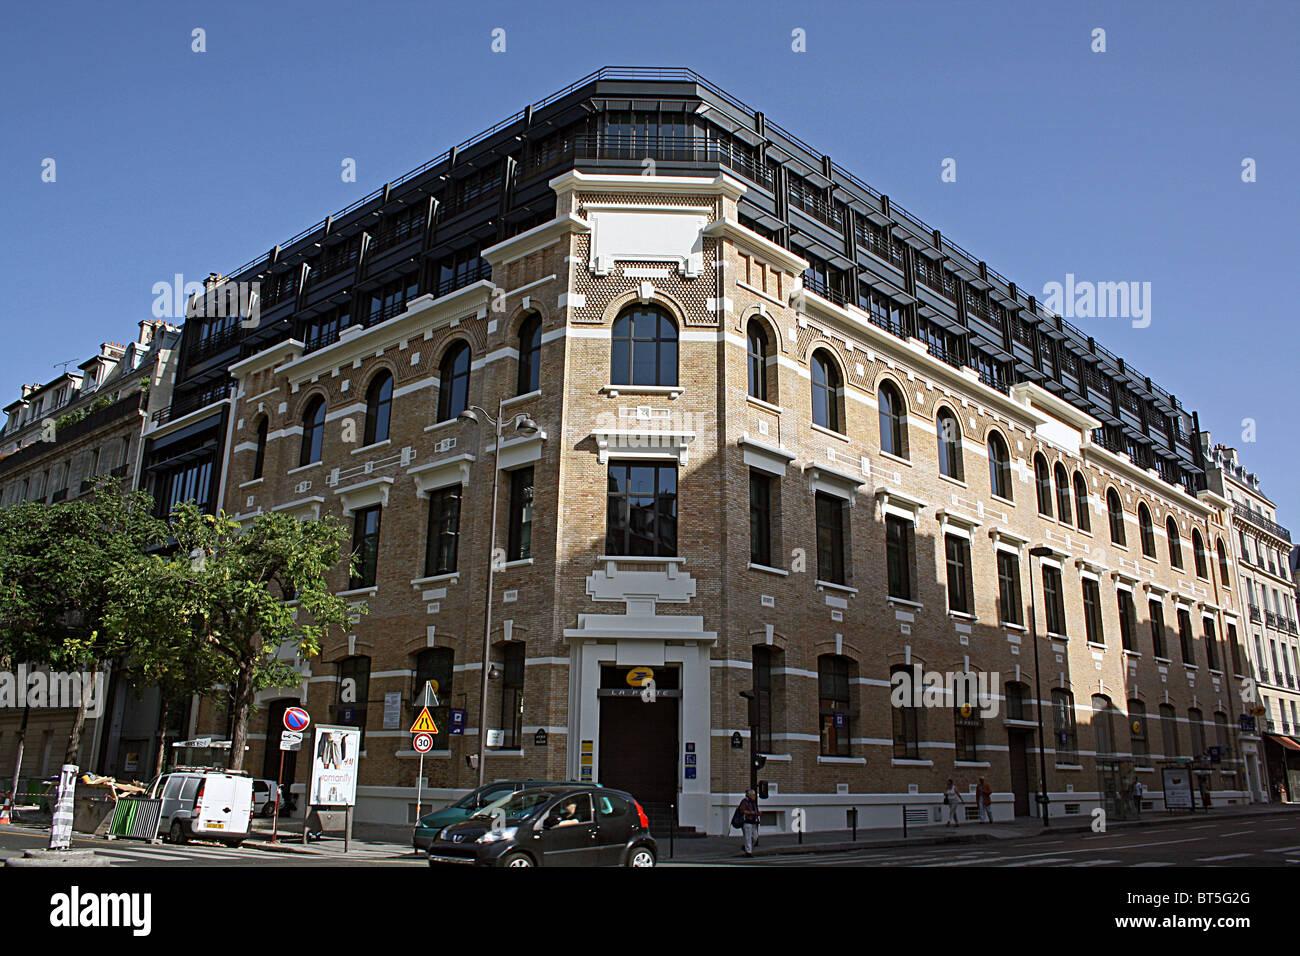 Paris bureau de poste bâtiment en brique fine étendue jusqudeux